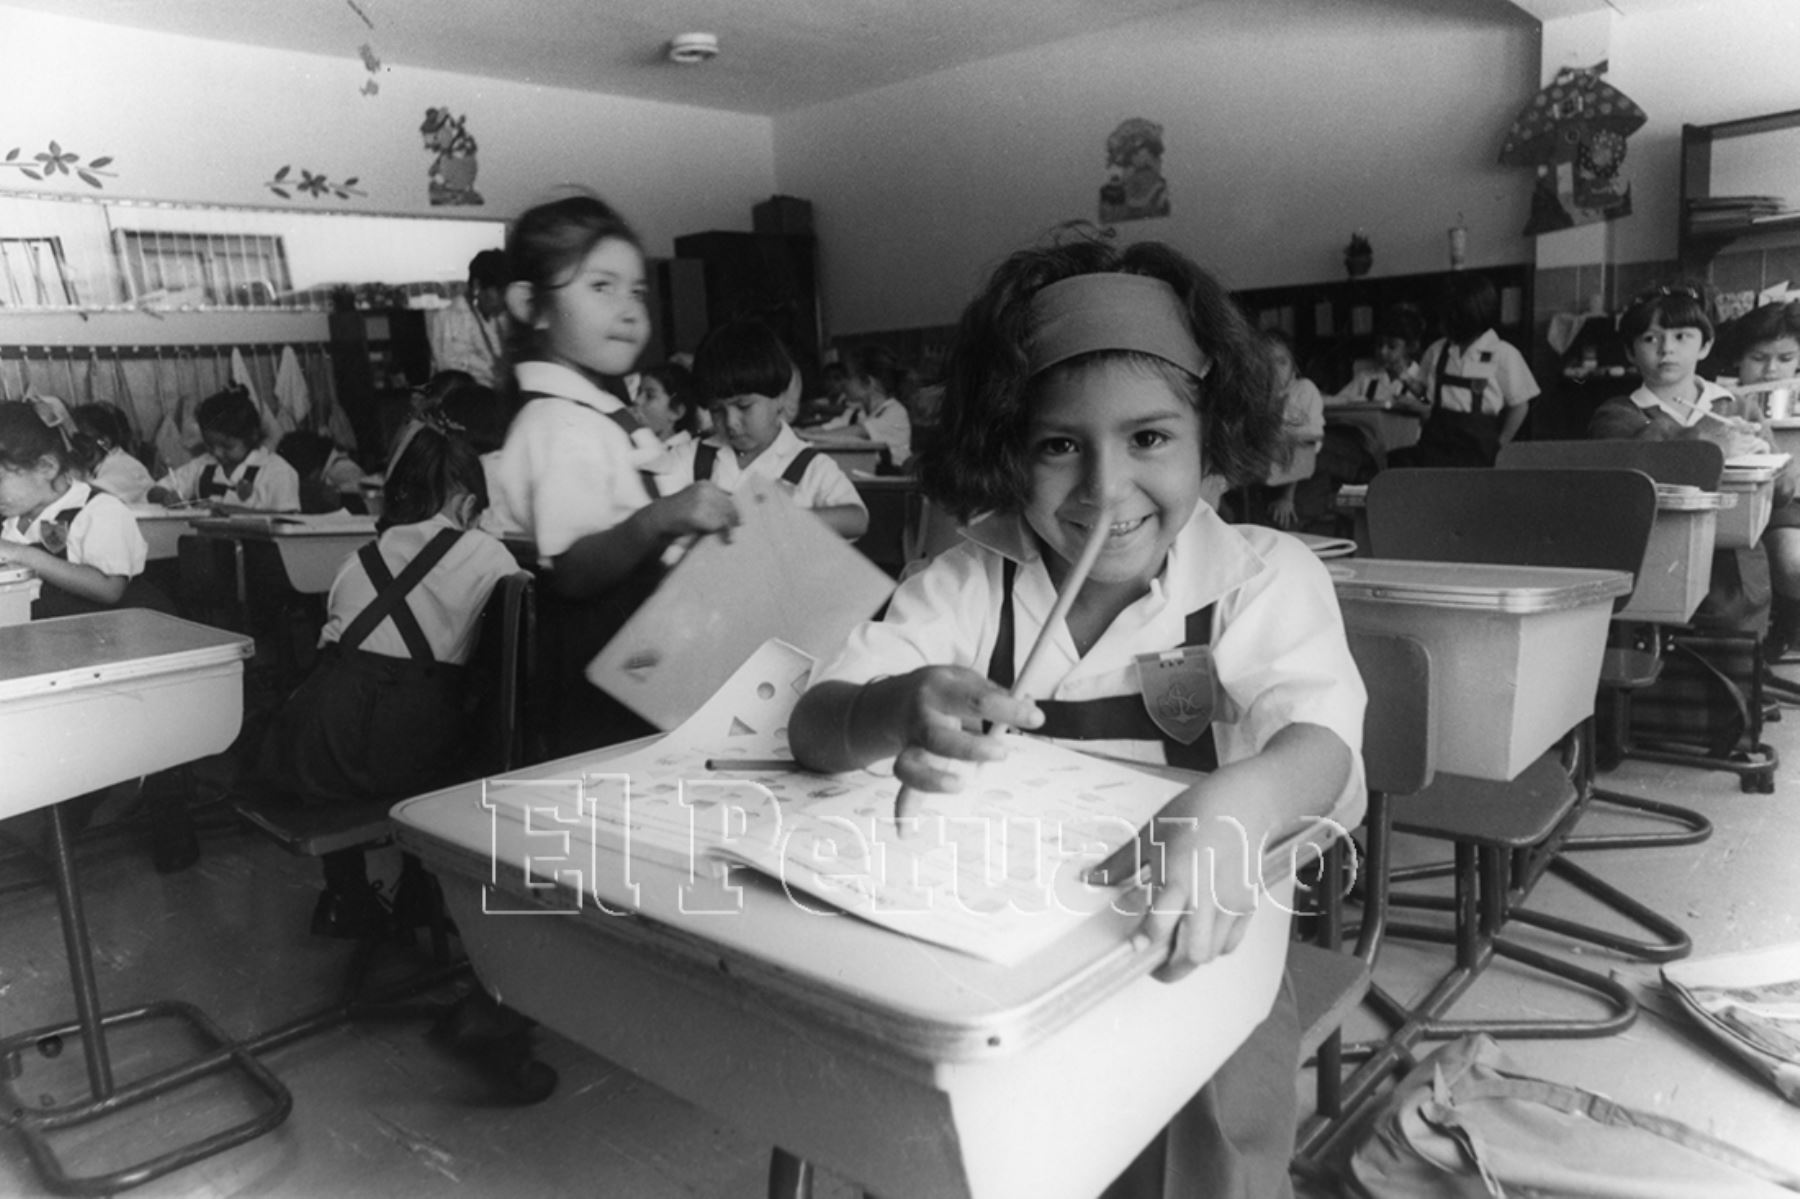 Lima - 1 abril 1993 / Vanessa Quiroz, la niña símbolo de Tarata, en su primer día de clases.